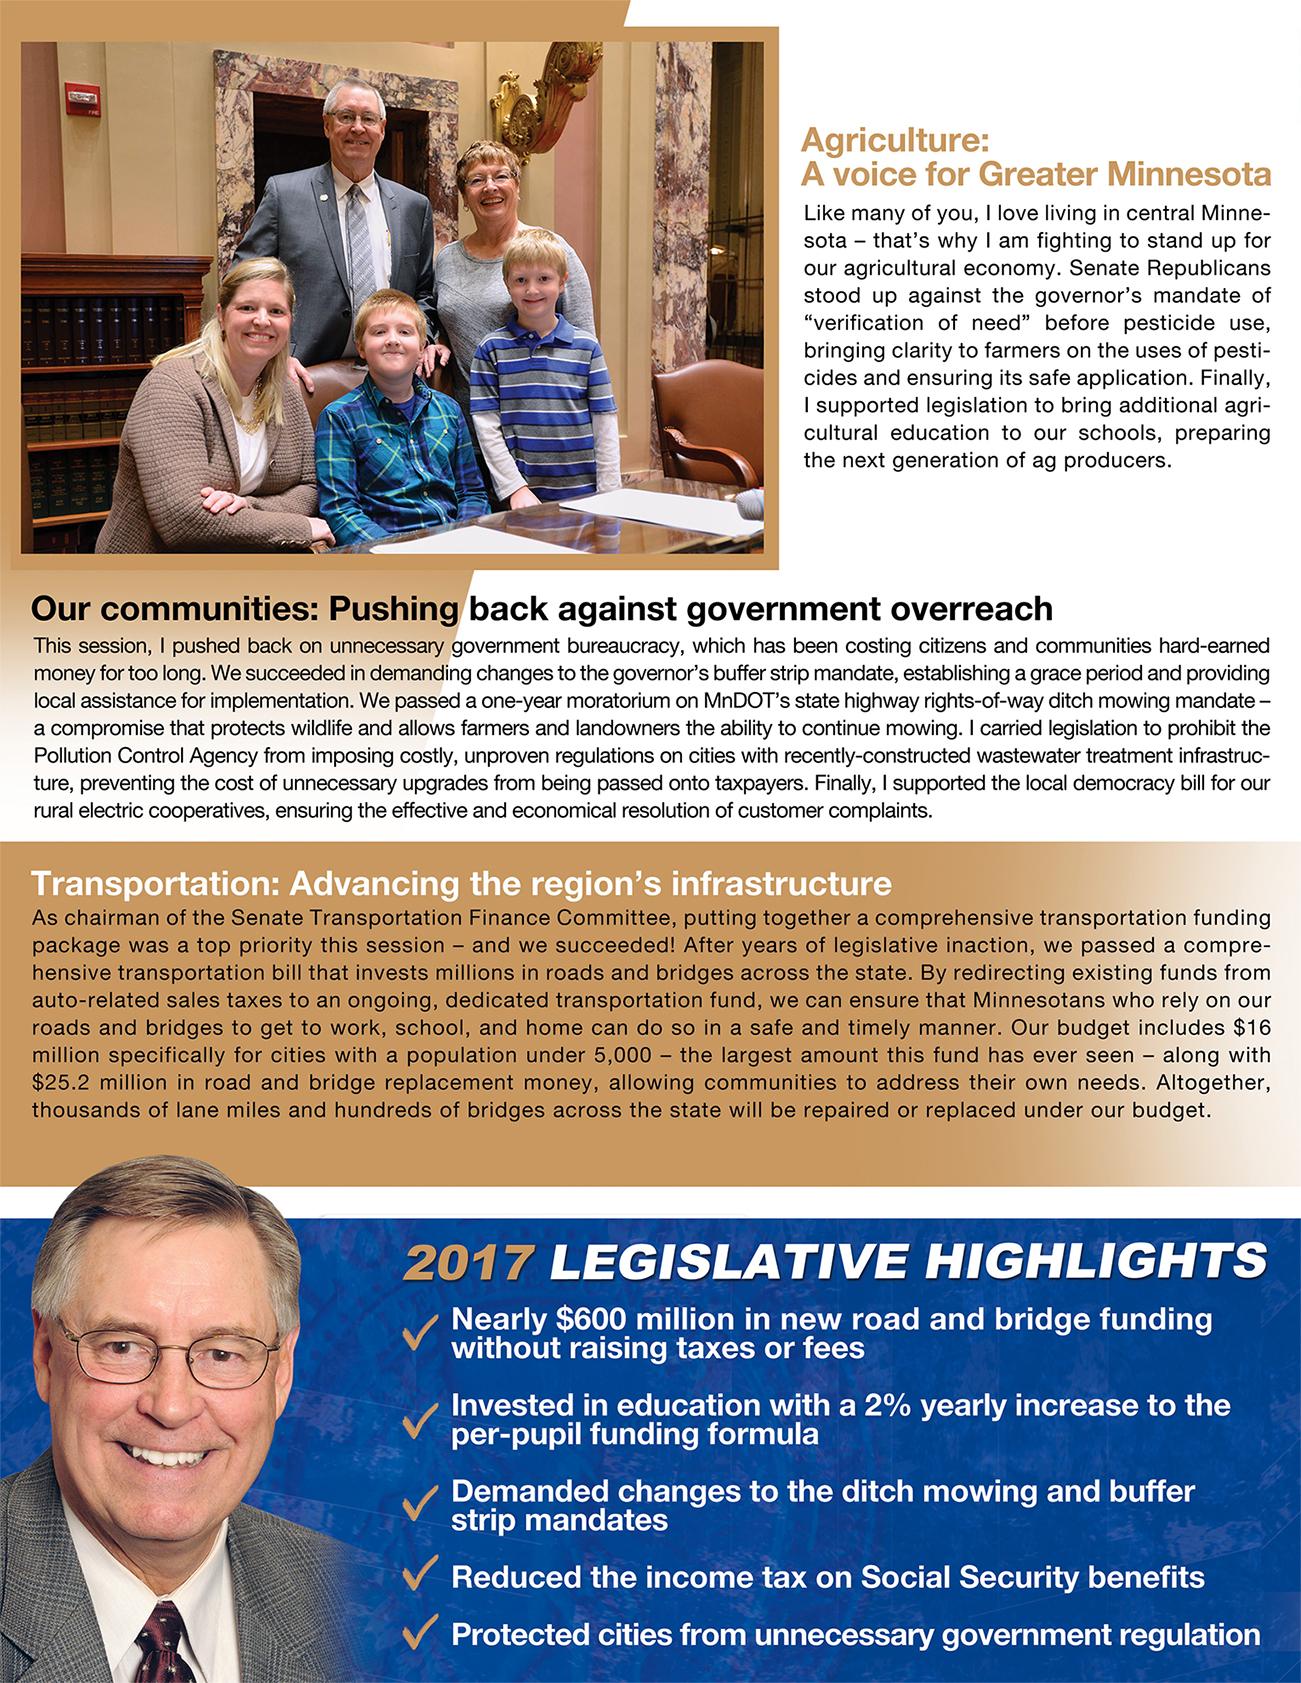 2017 legislative review from Sen. Scott Newman